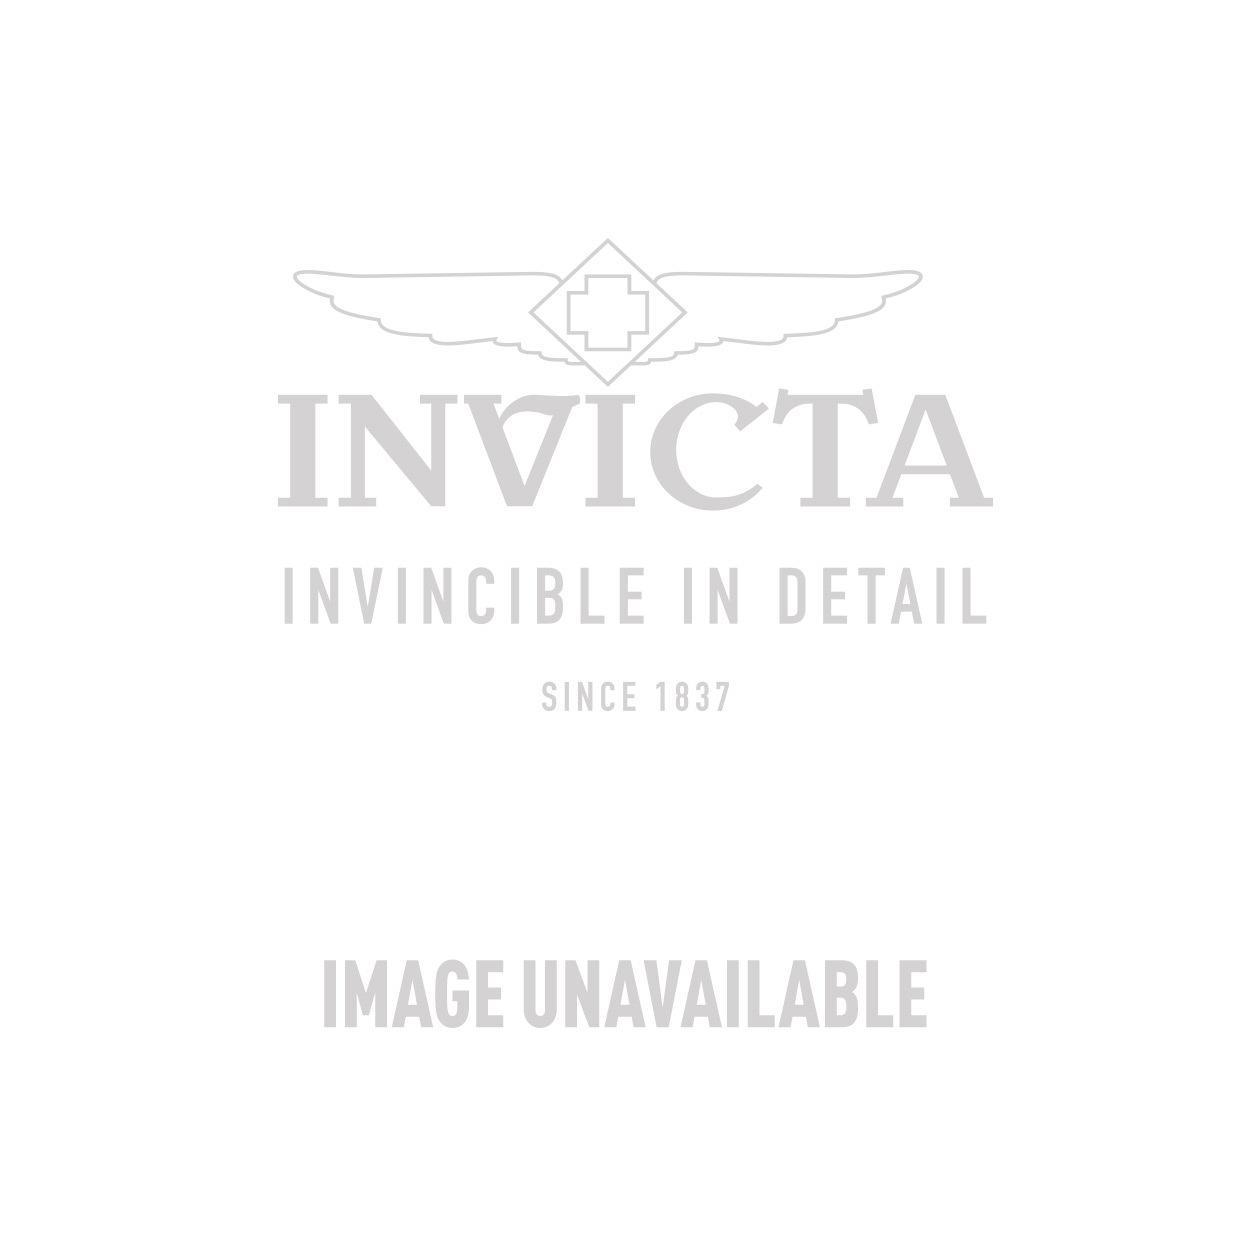 Invicta Model 25526